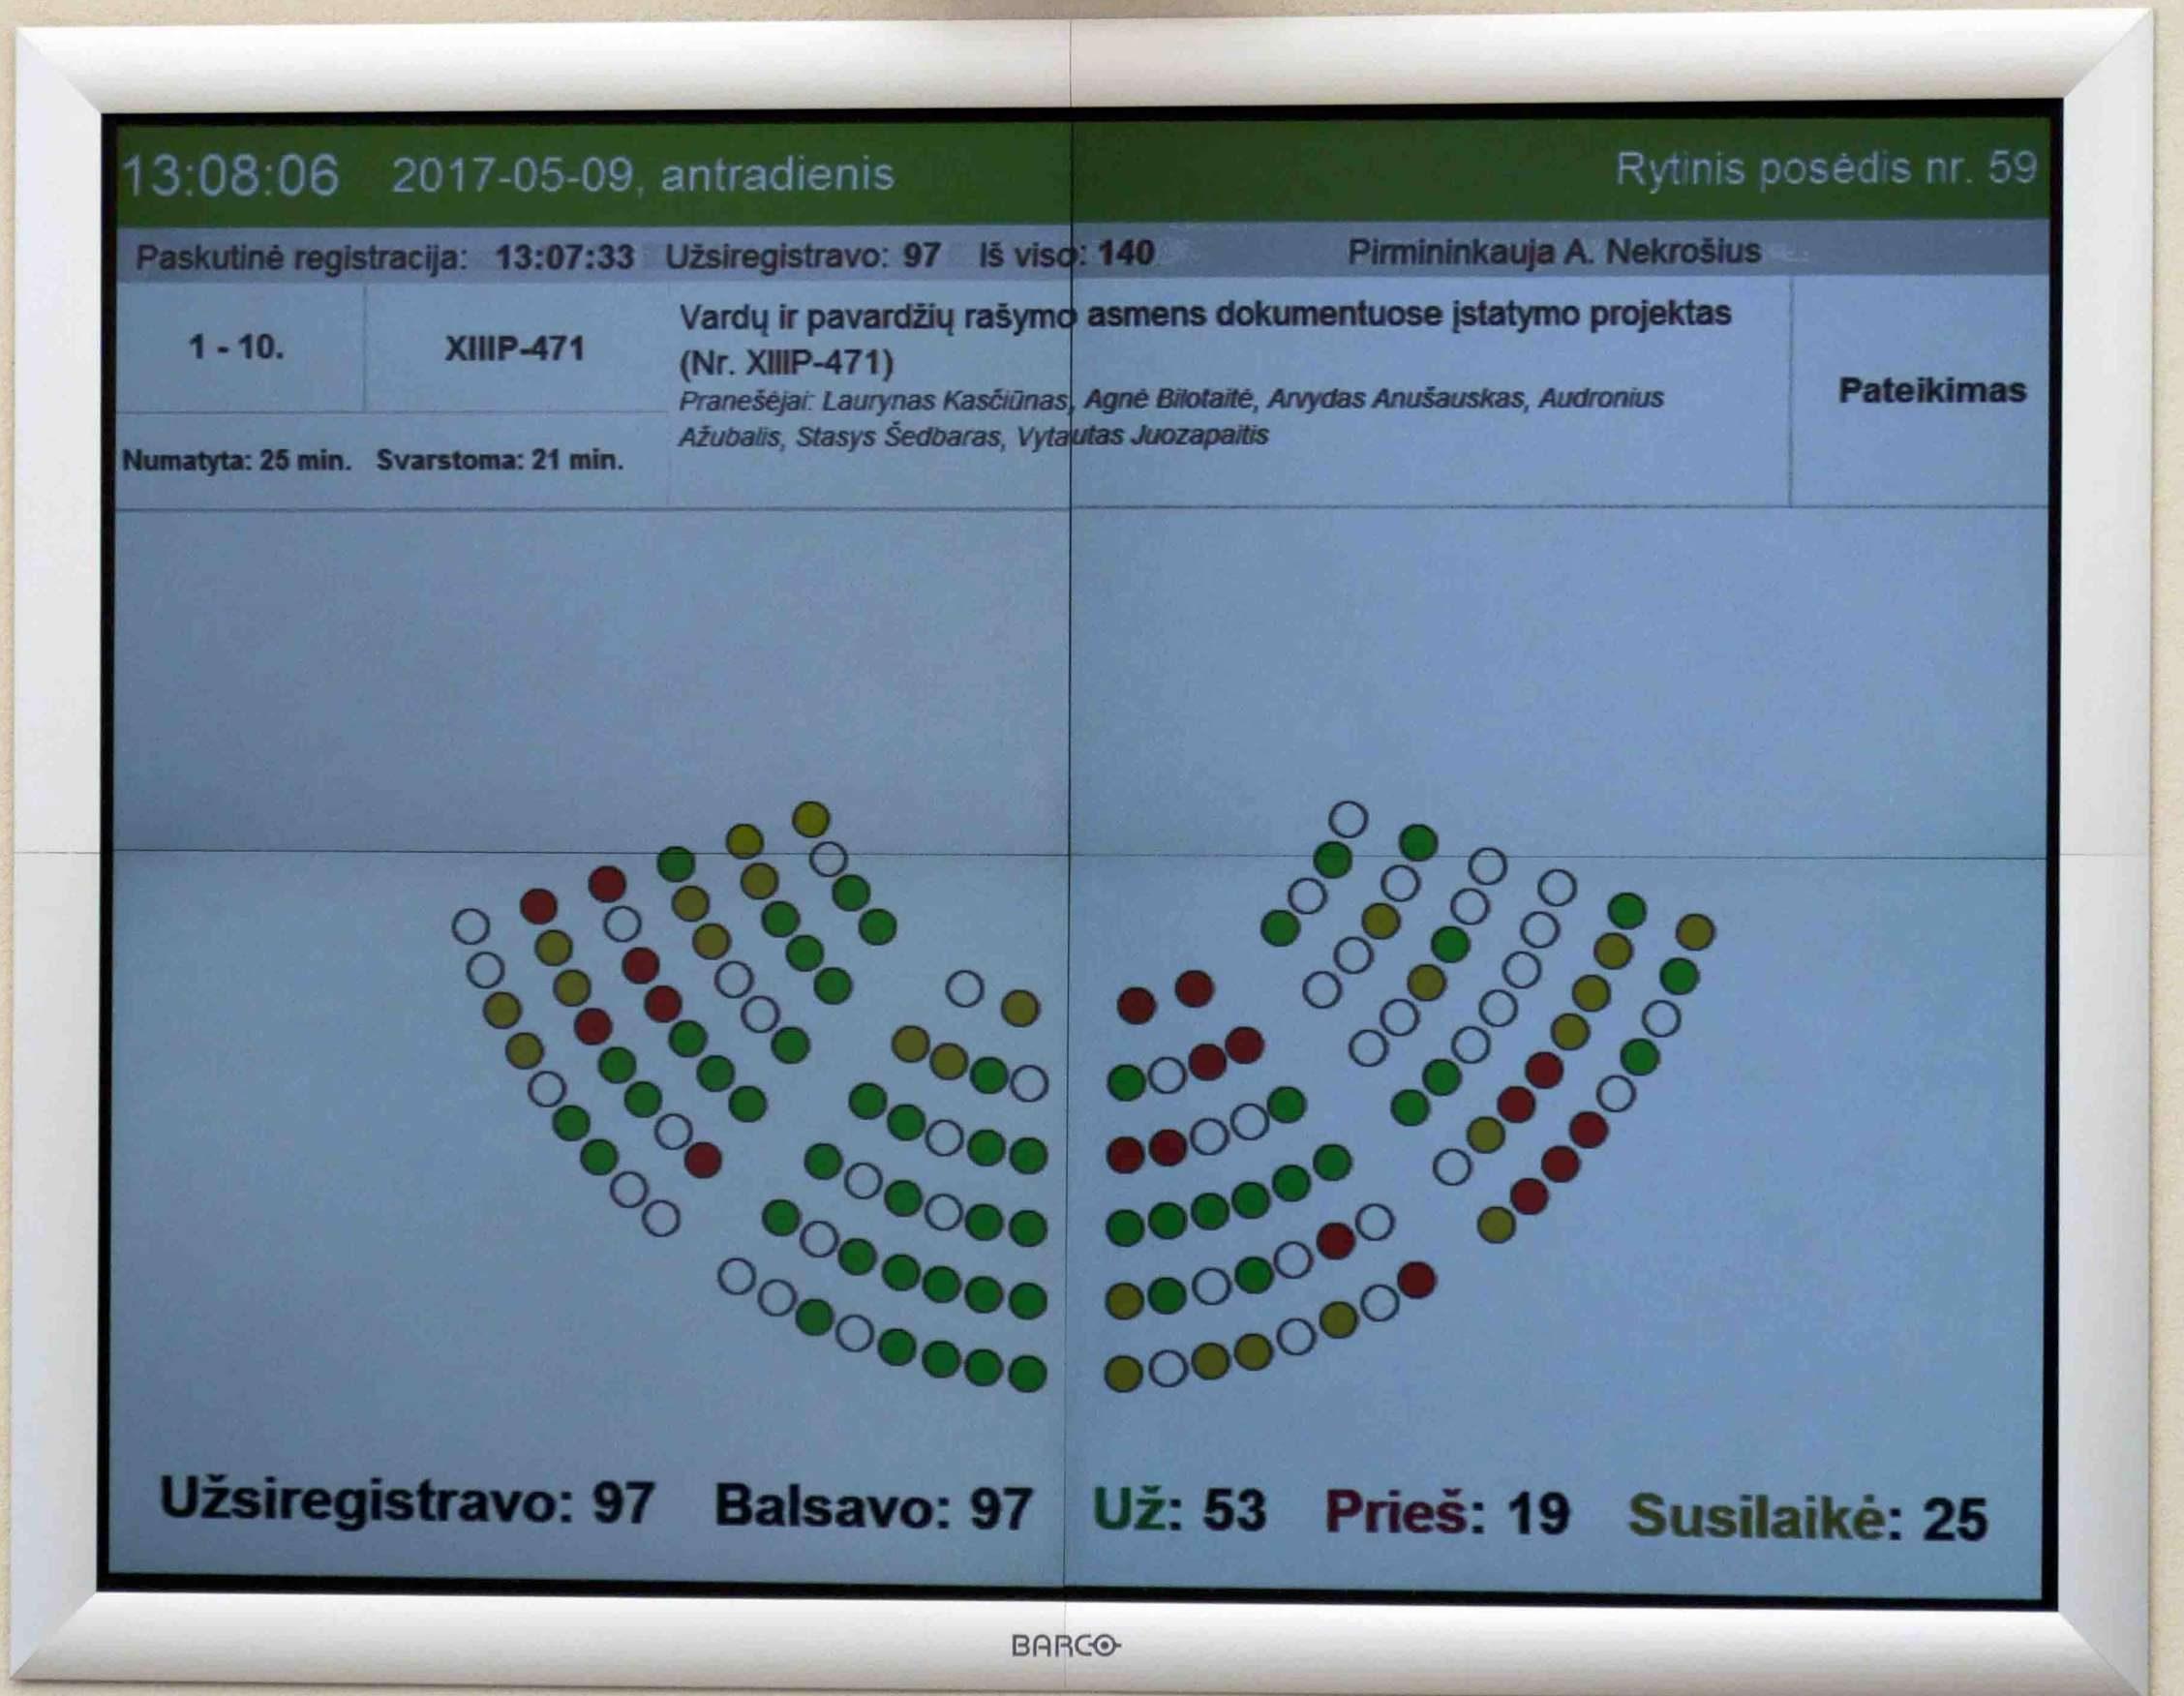 Balsavimo rezultatai už L. Kasčiūno projektą (vienas Lenkų rinkimų akcijos narys netyčia balsavęs UŽ, po to balsą atsiėmė) | Alkas.lt, J. Vaiškūno nuotr.